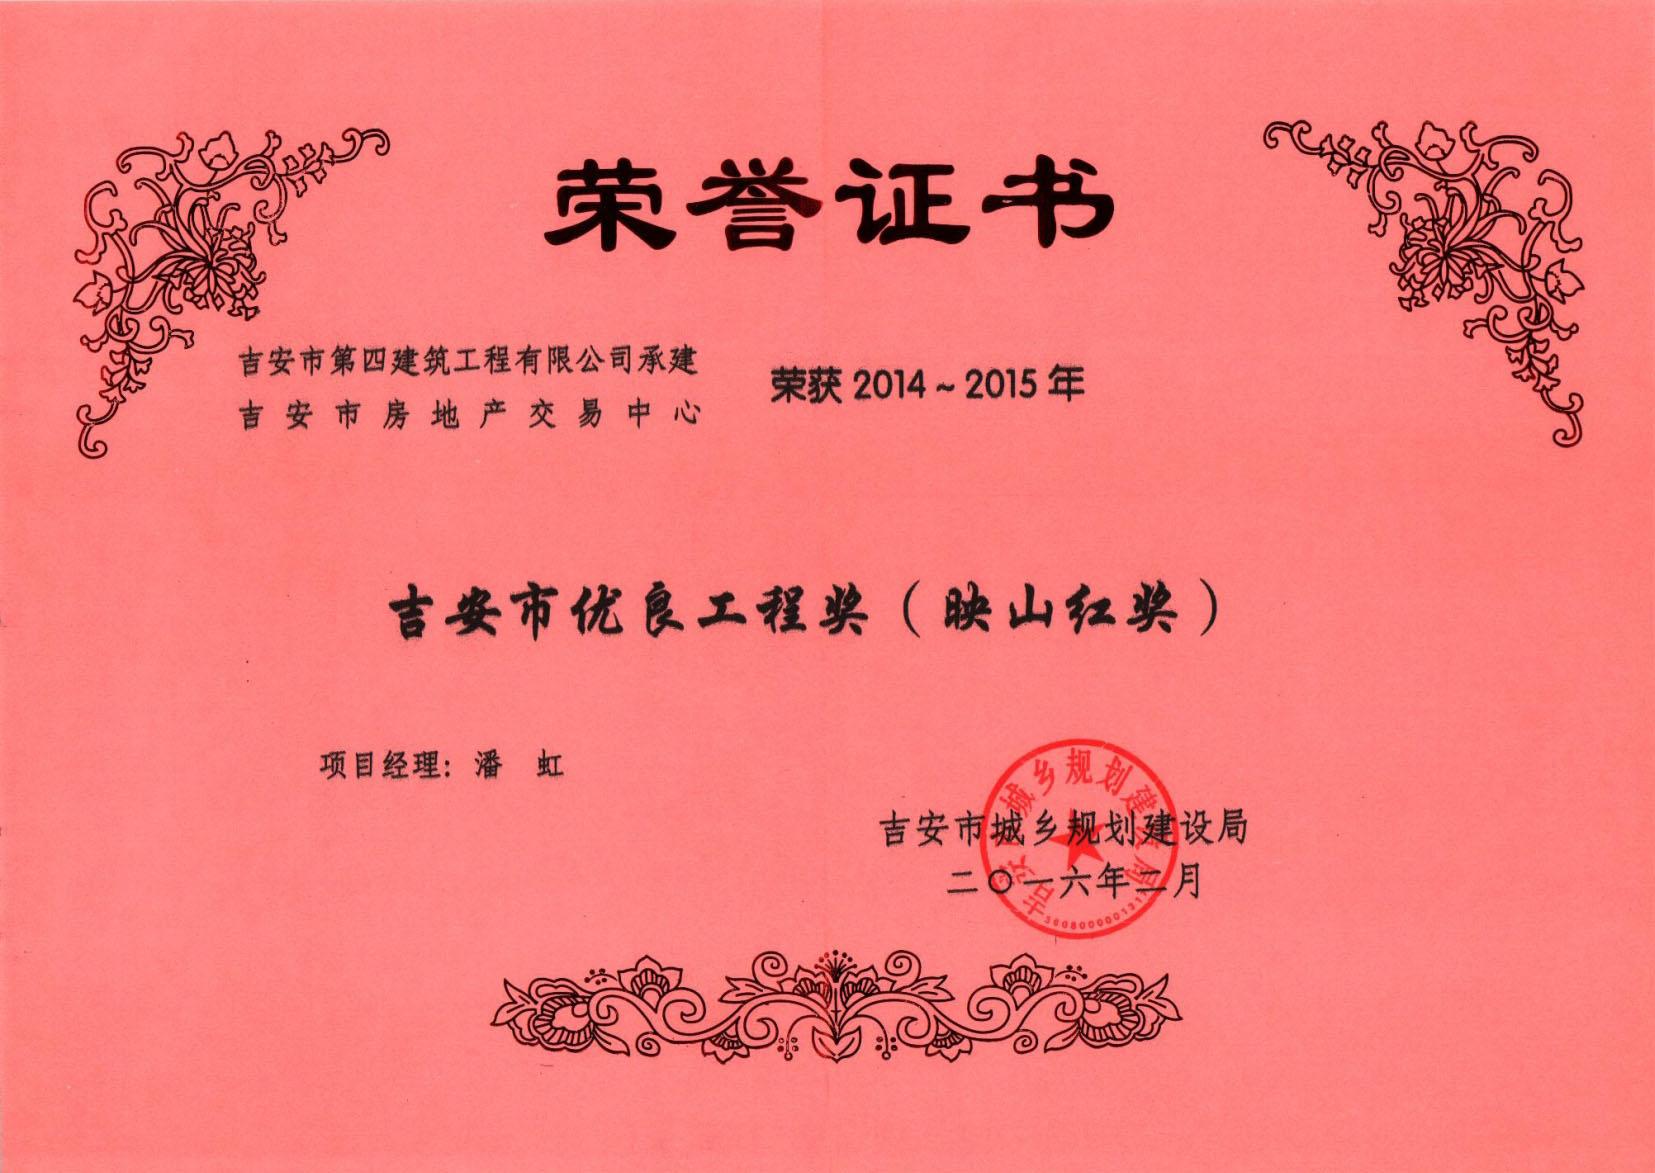 房地产交易中心映山红奖